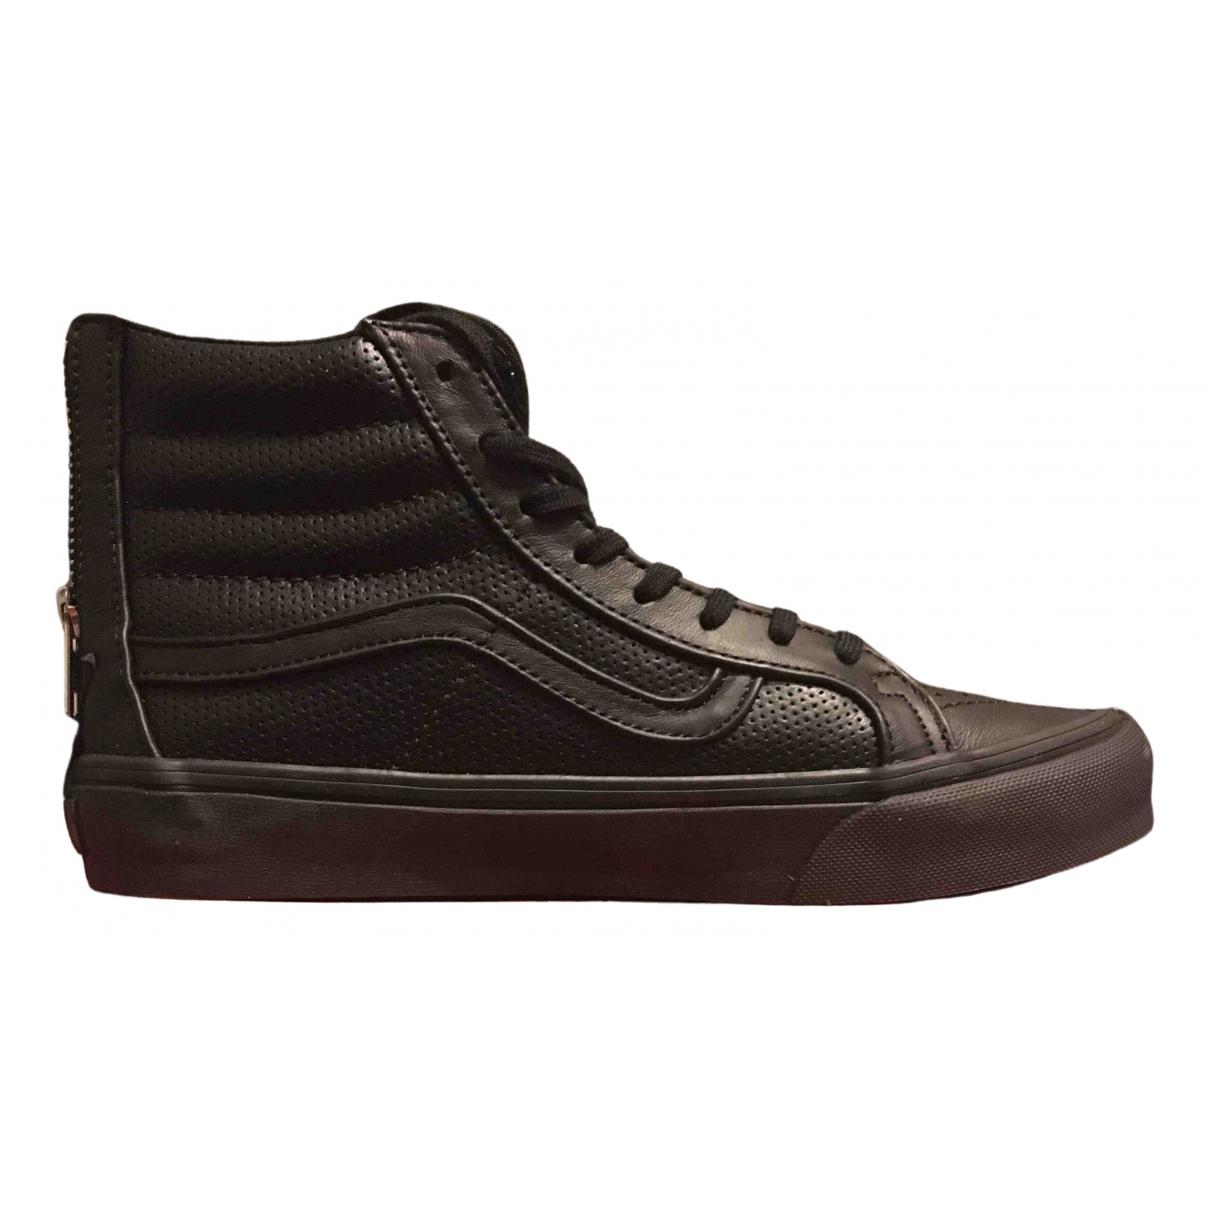 Vans - Baskets   pour homme en cuir - noir